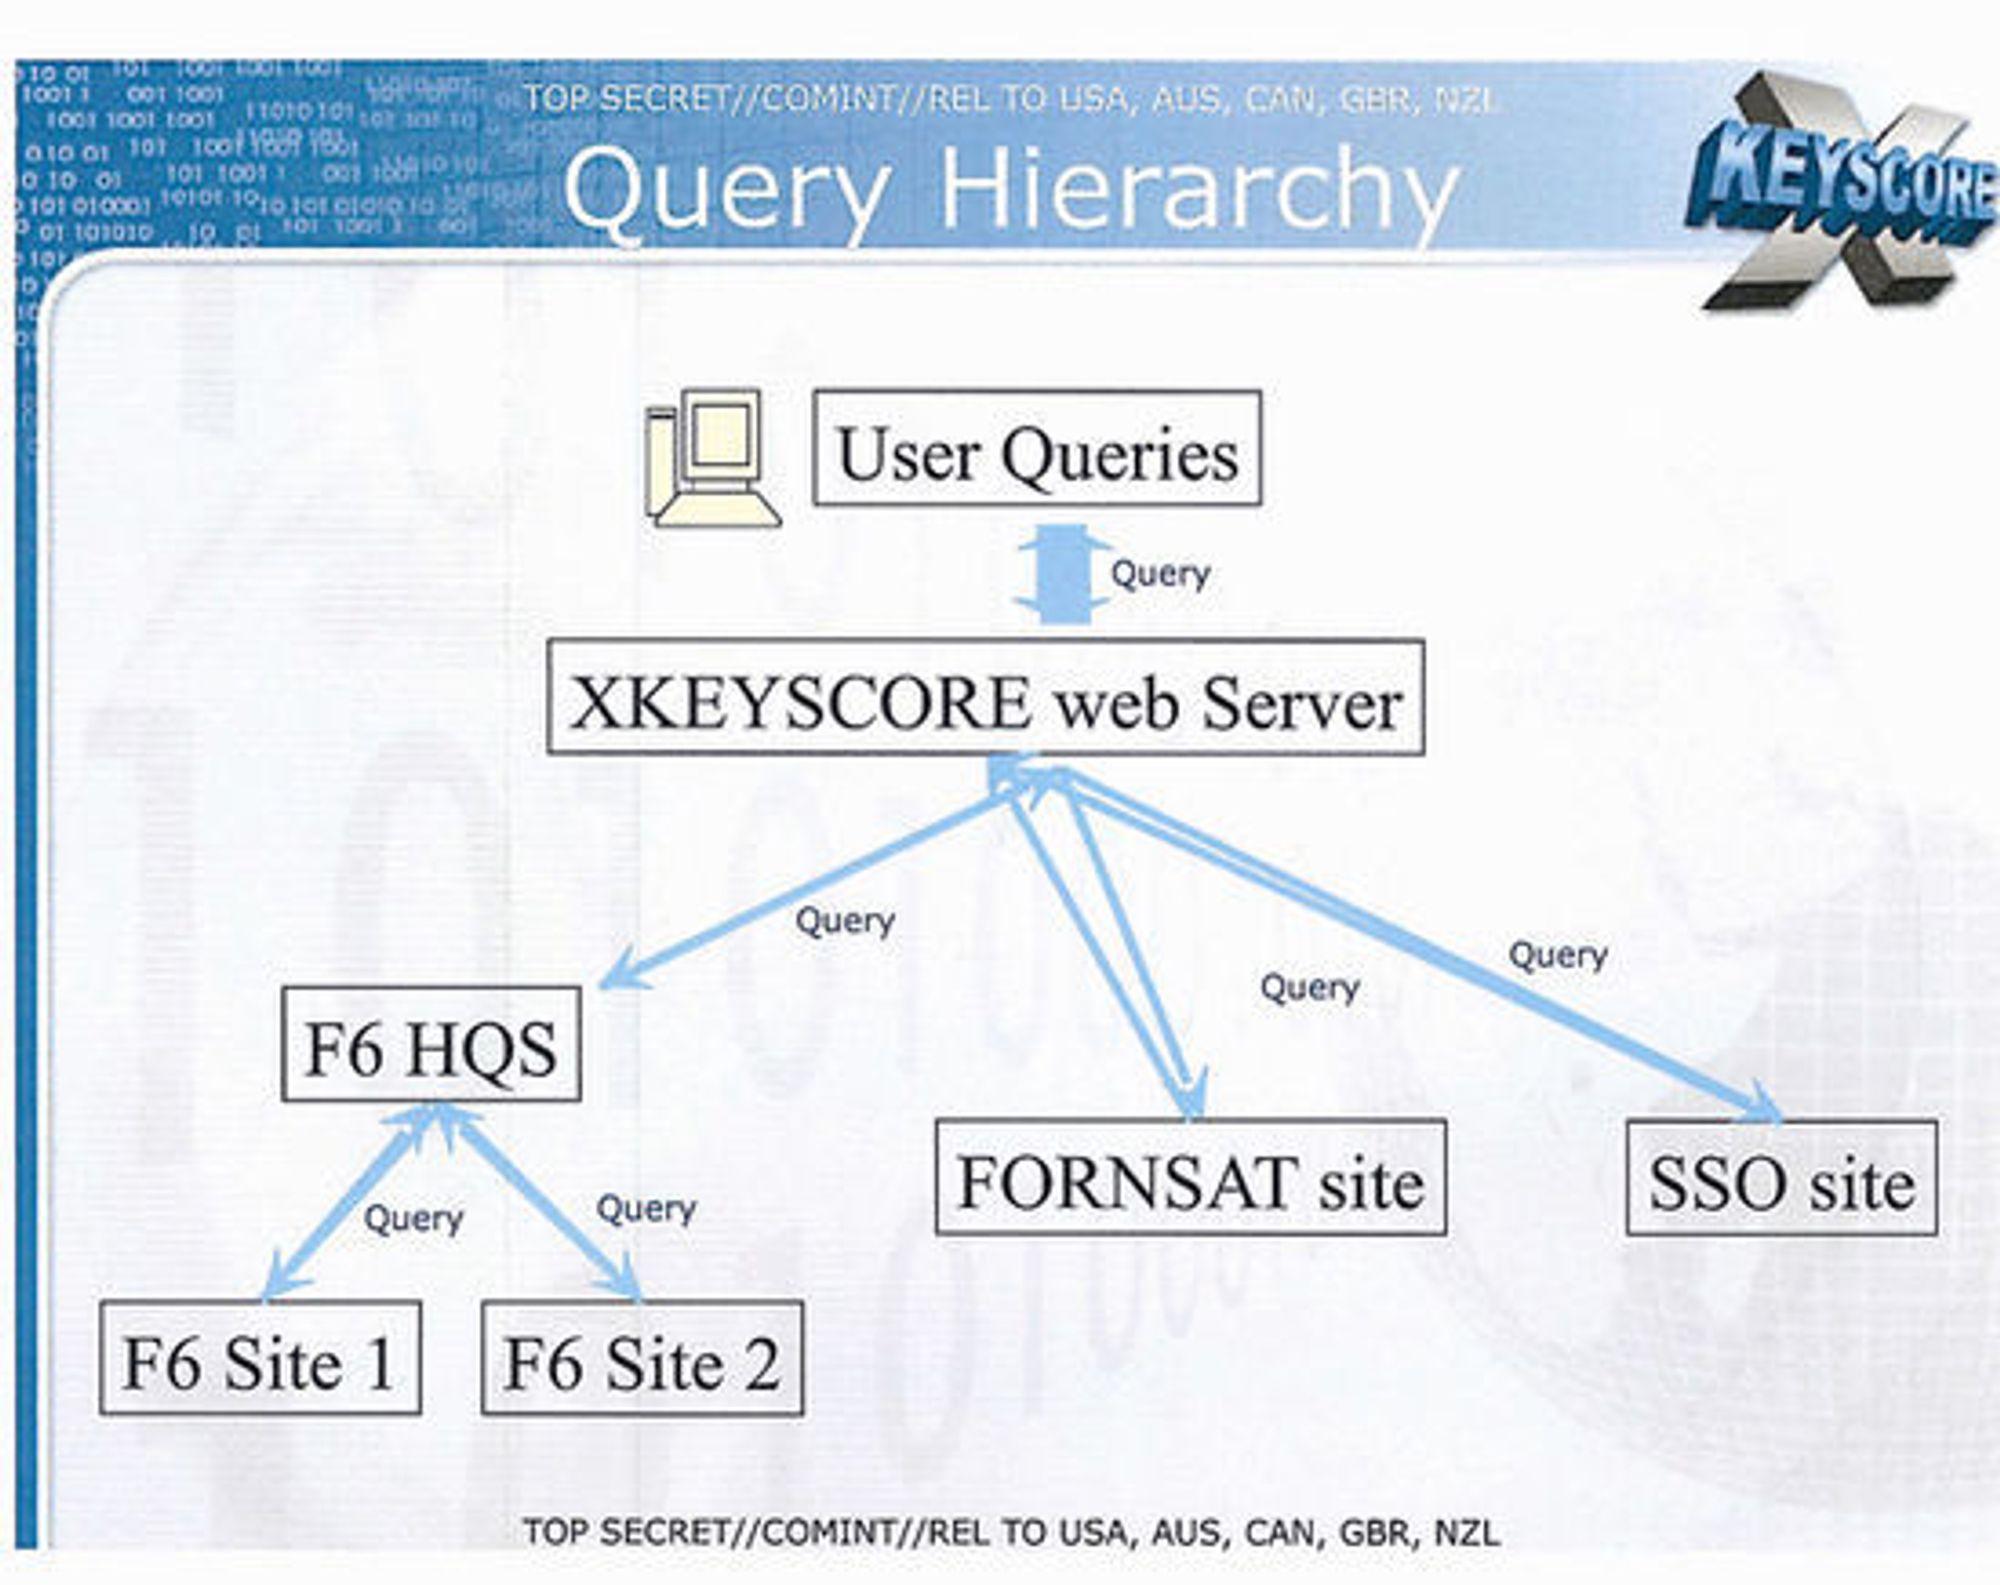 Slik blir Xkeyscore beskrevet i en NSA-presentasjon som Edward Snowden lekket i fjor. Presentasjonen er beregnet for etterretningstjenester i de fem Five Eyes-landene som er nevnt nederst.